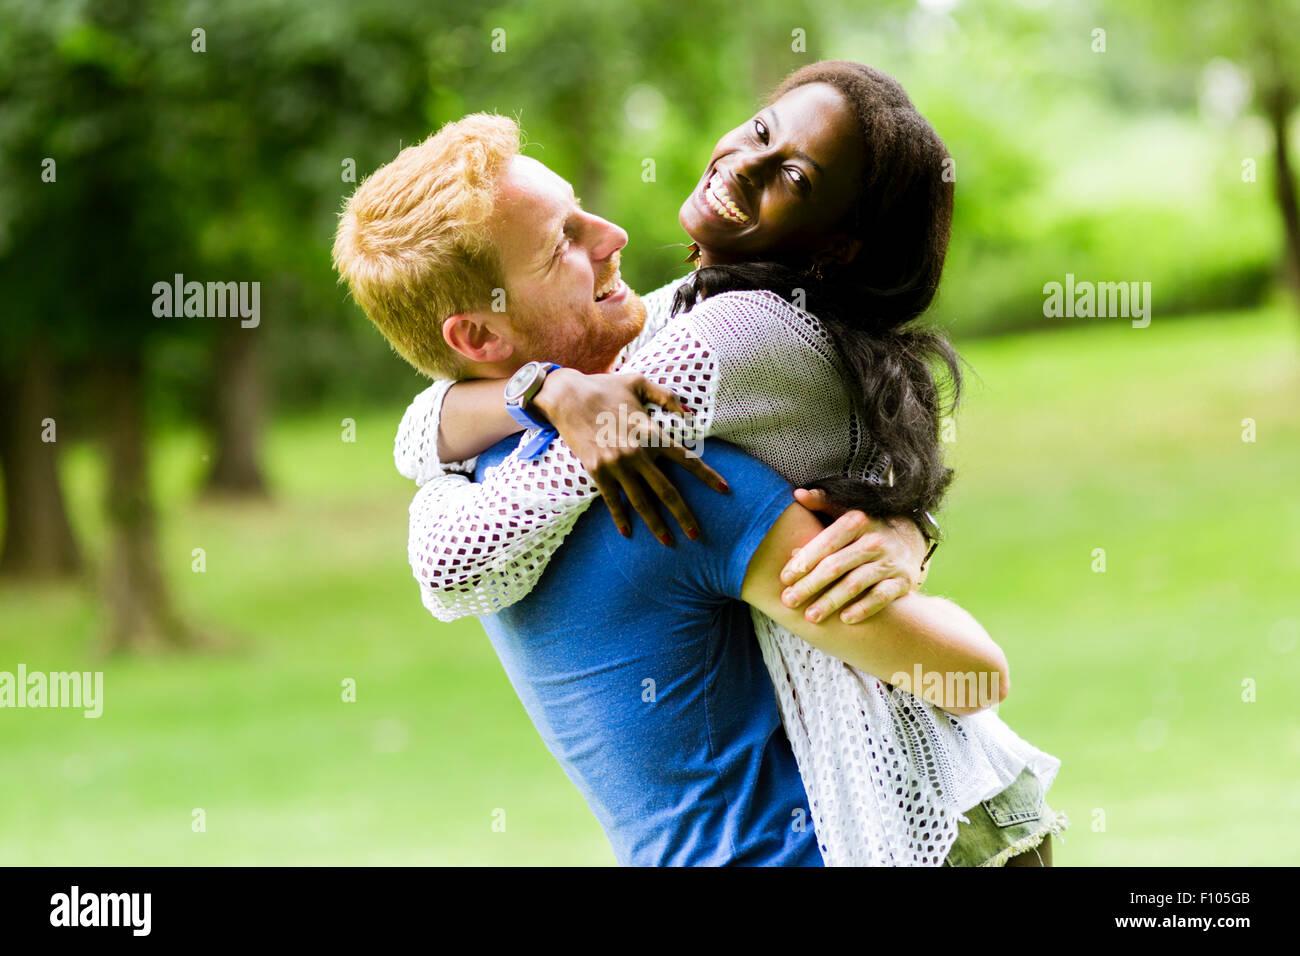 Retrato de una pareja feliz bailando y abrazando en un parque al aire libre Foto de stock